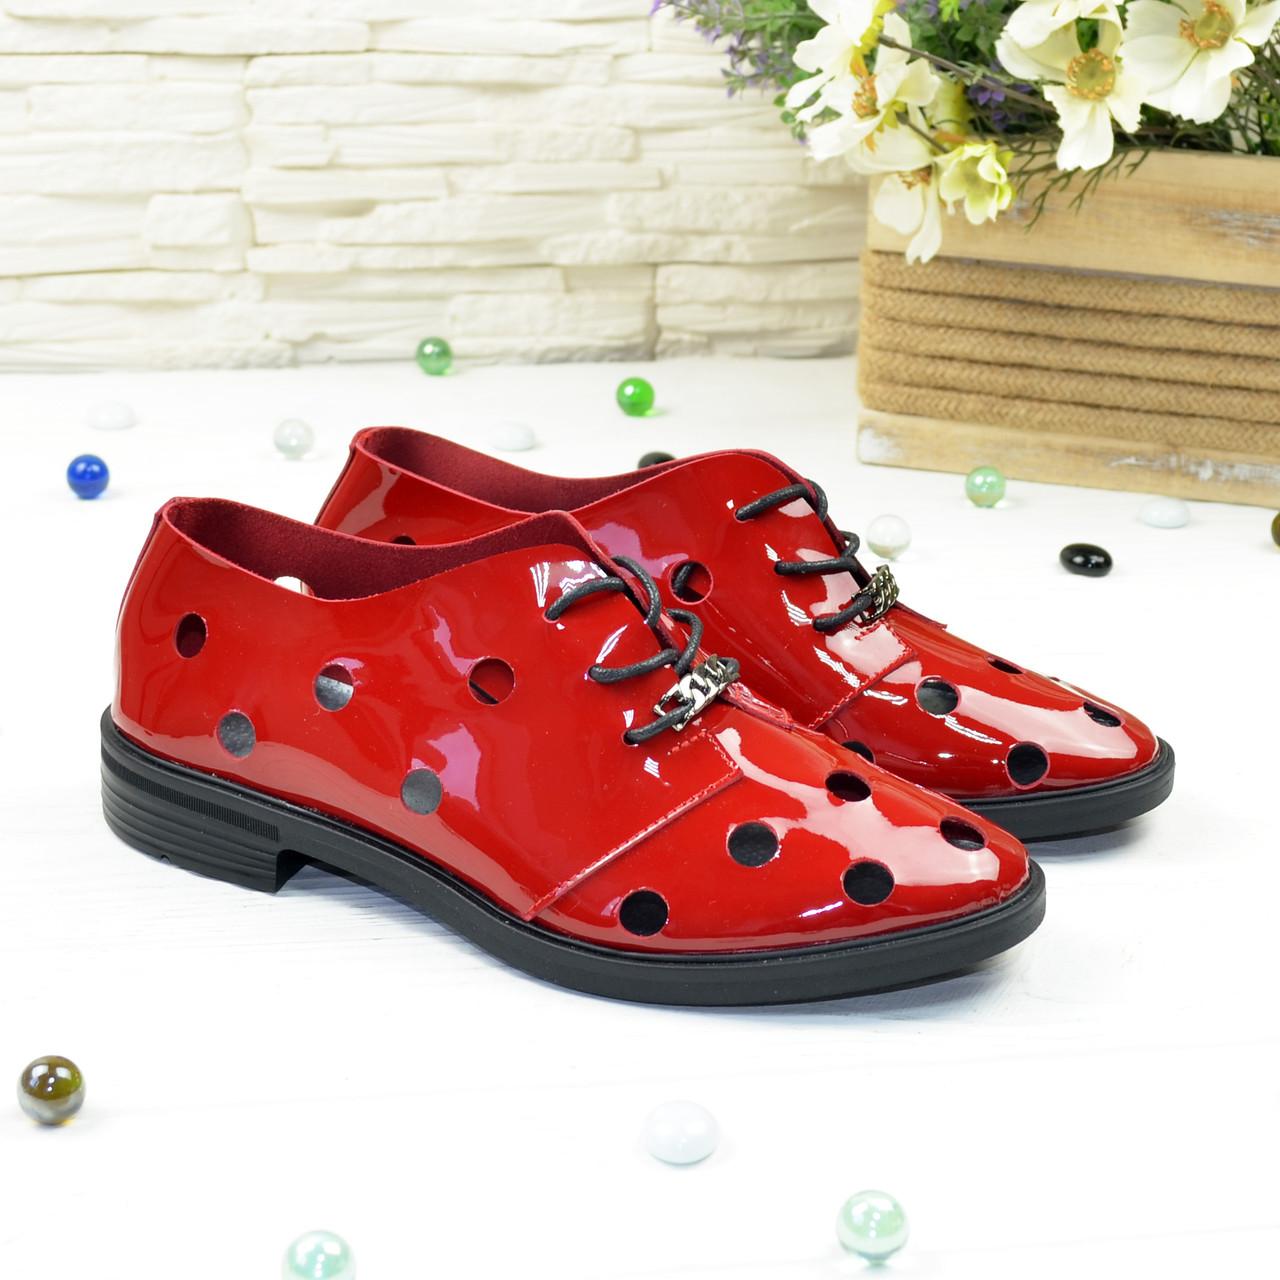 Туфлі жіночі лакові на плоскій підошві, на шнурках. Полегшений варіант